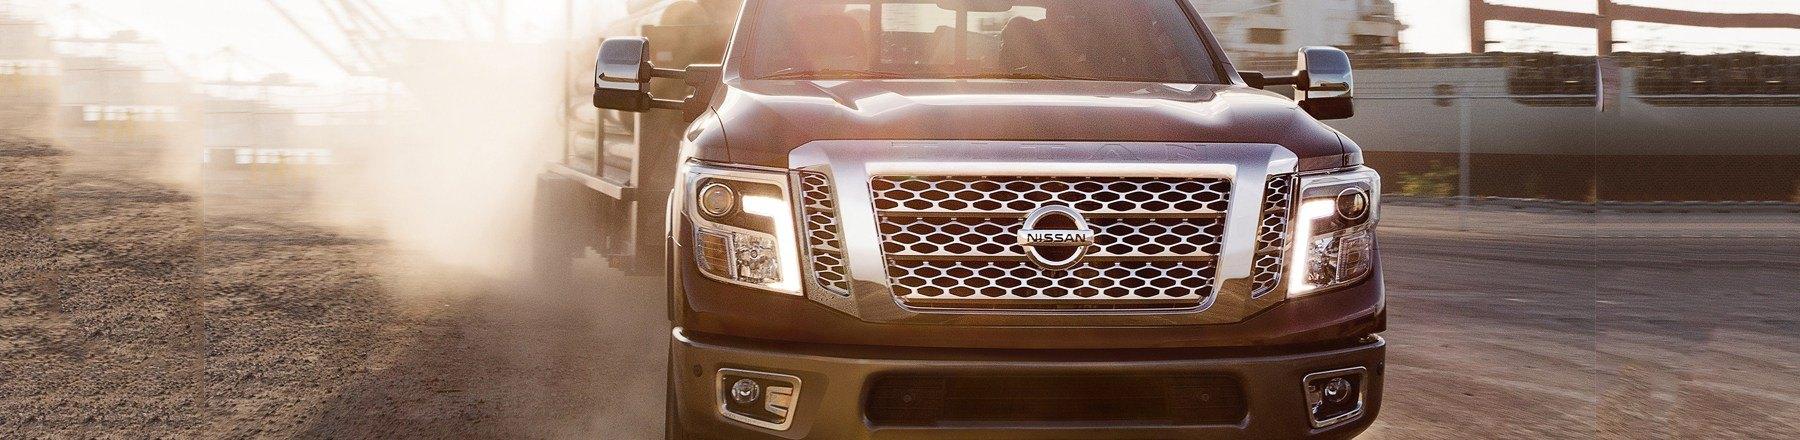 Nissan Truck Accessories